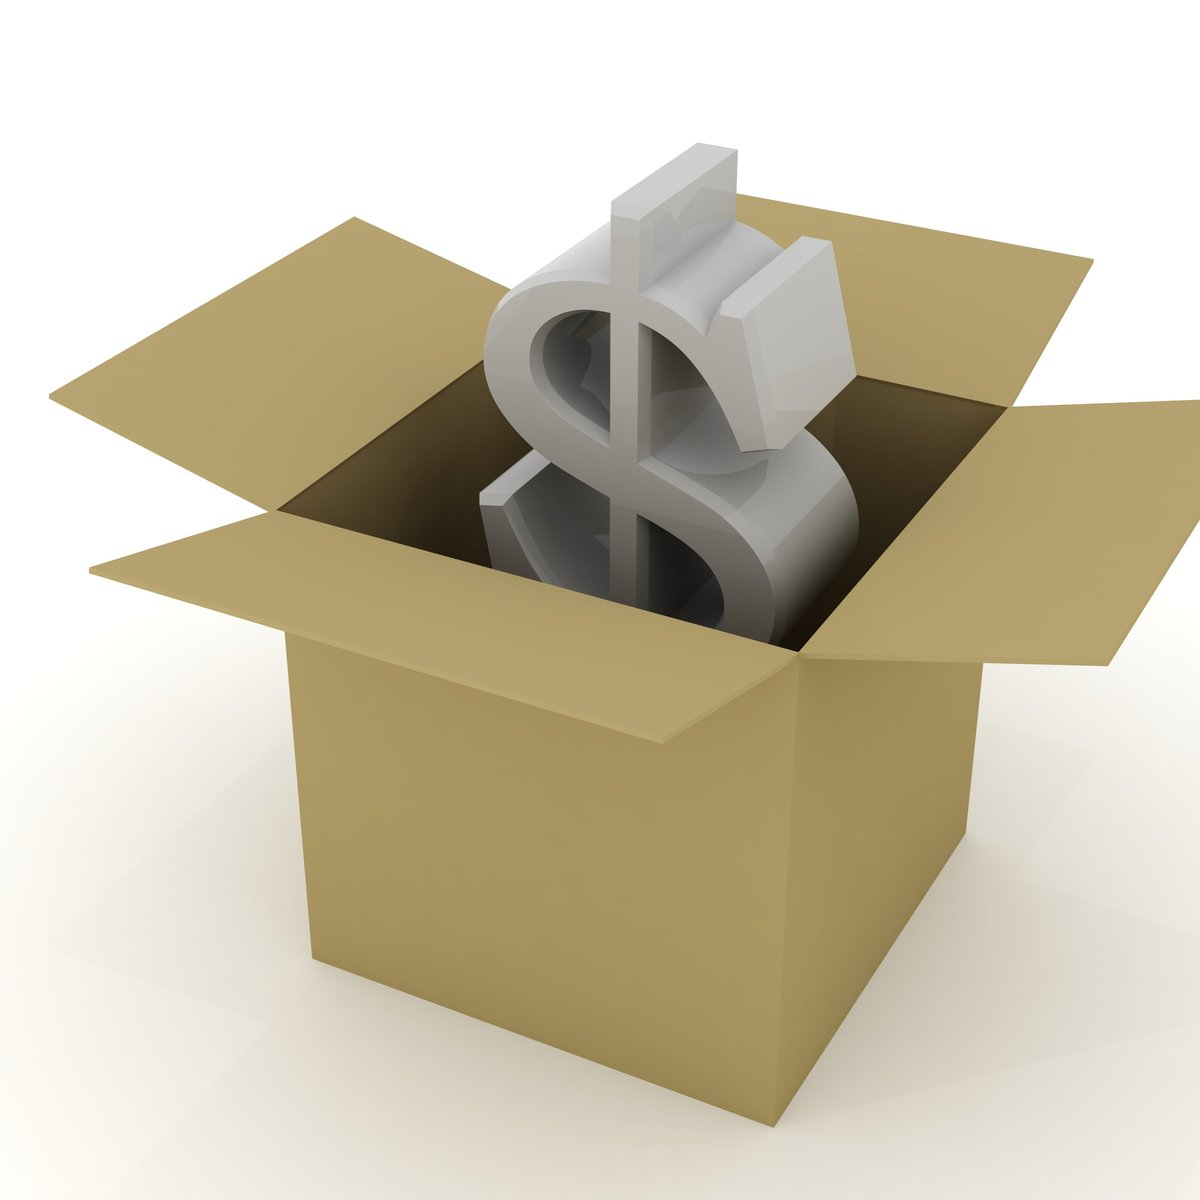 dolar v krabici